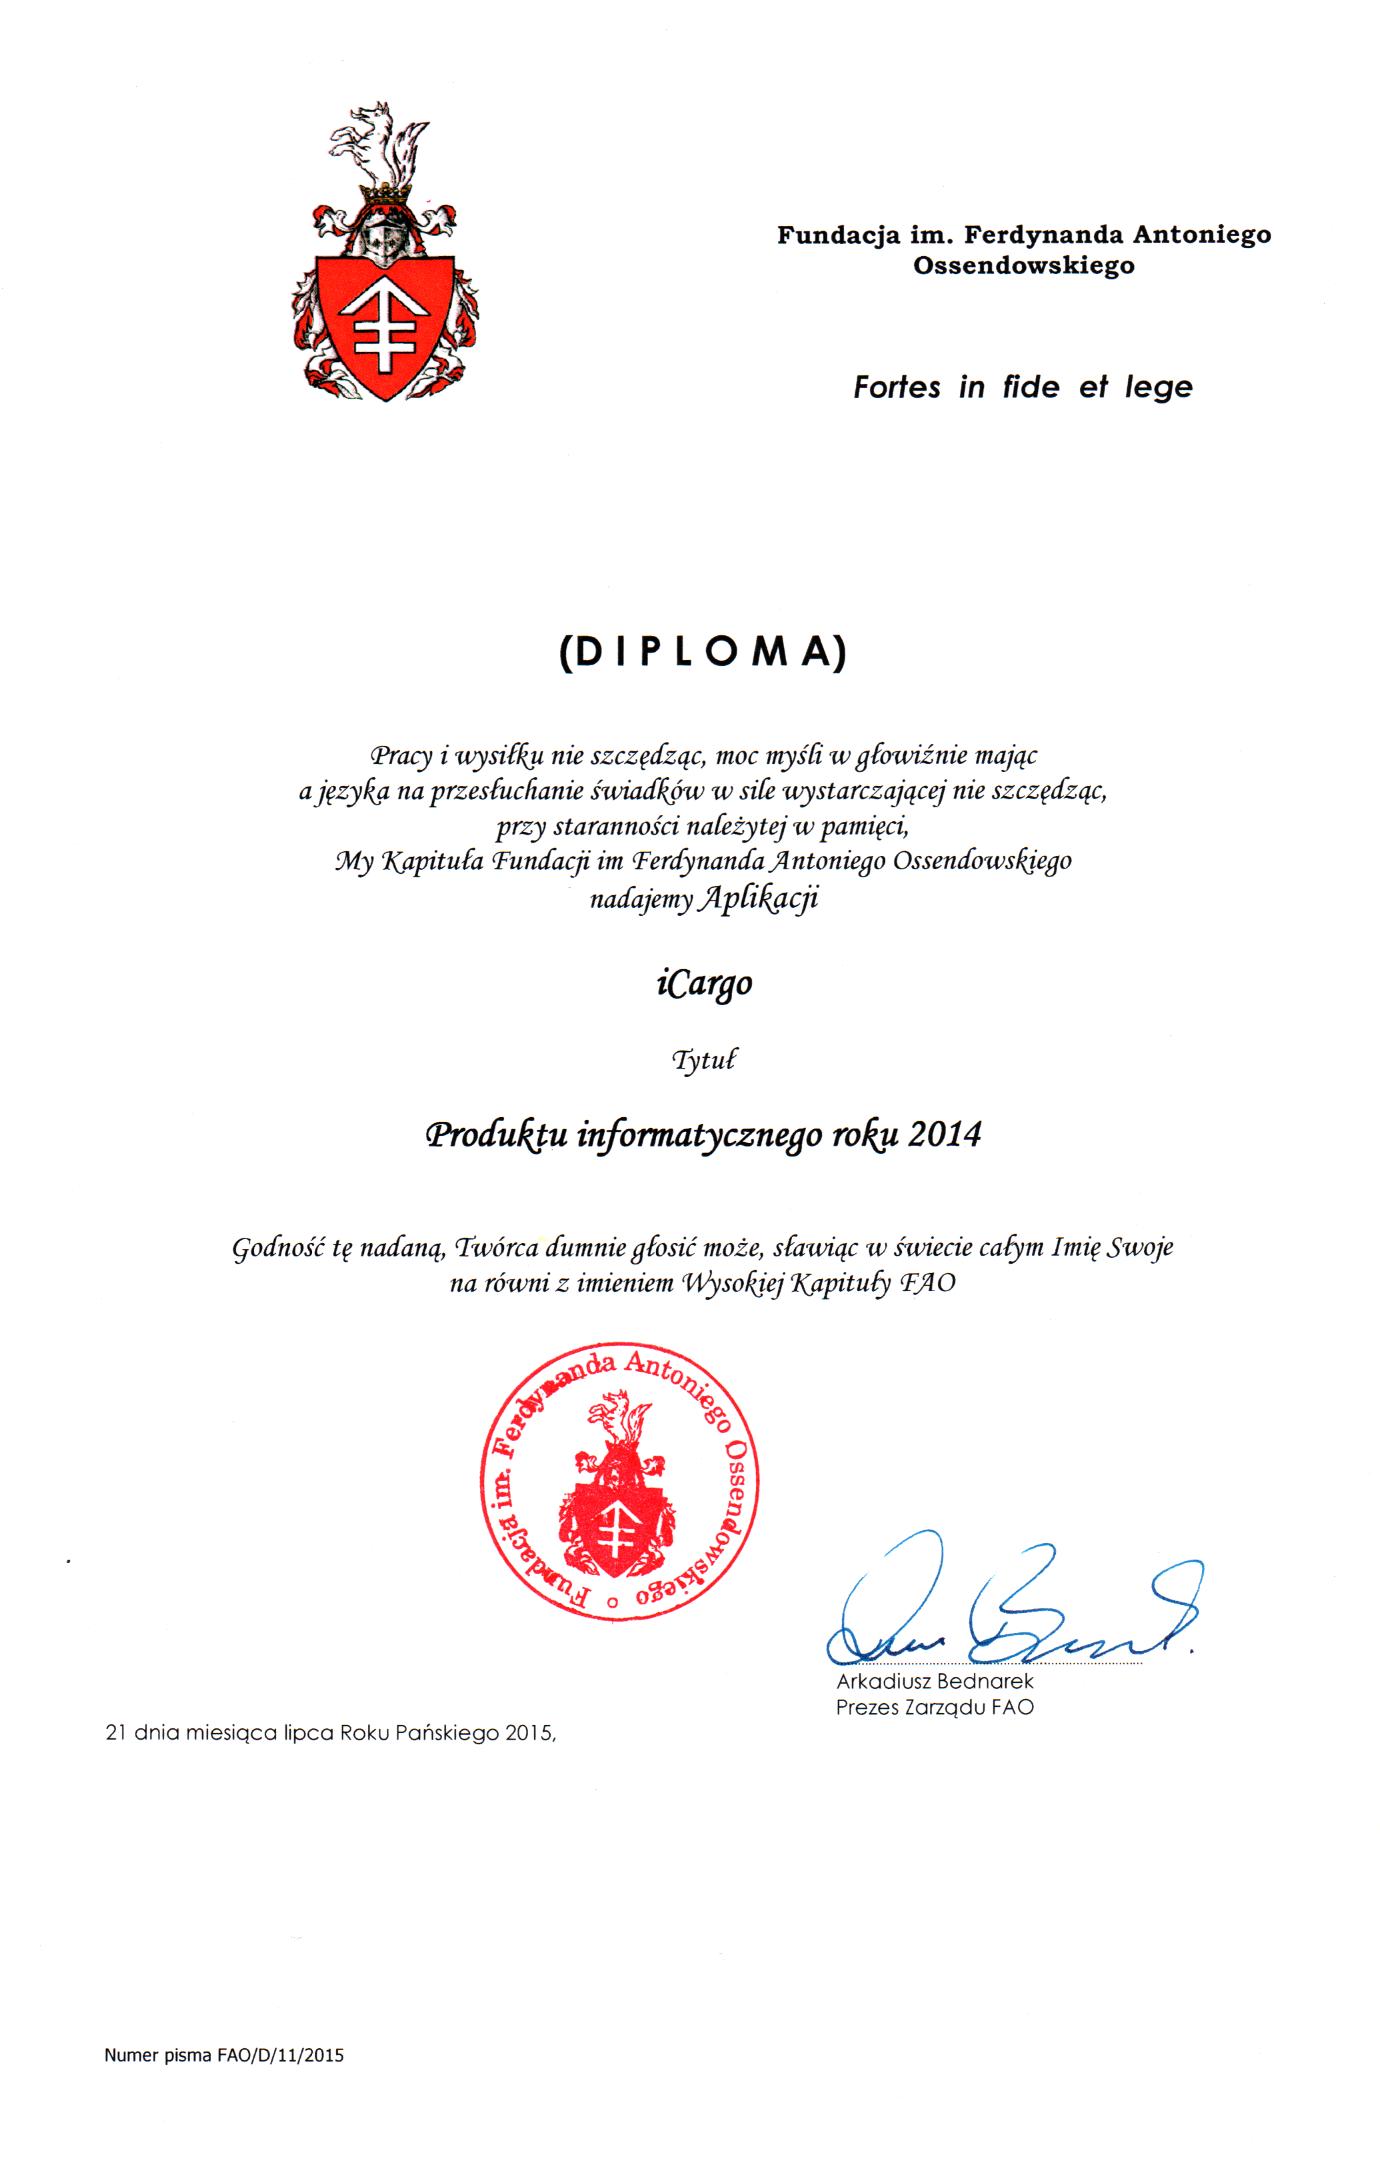 Dyplom dla iCargo z nadaniem tytułu Produktu informatycznego roku 2014